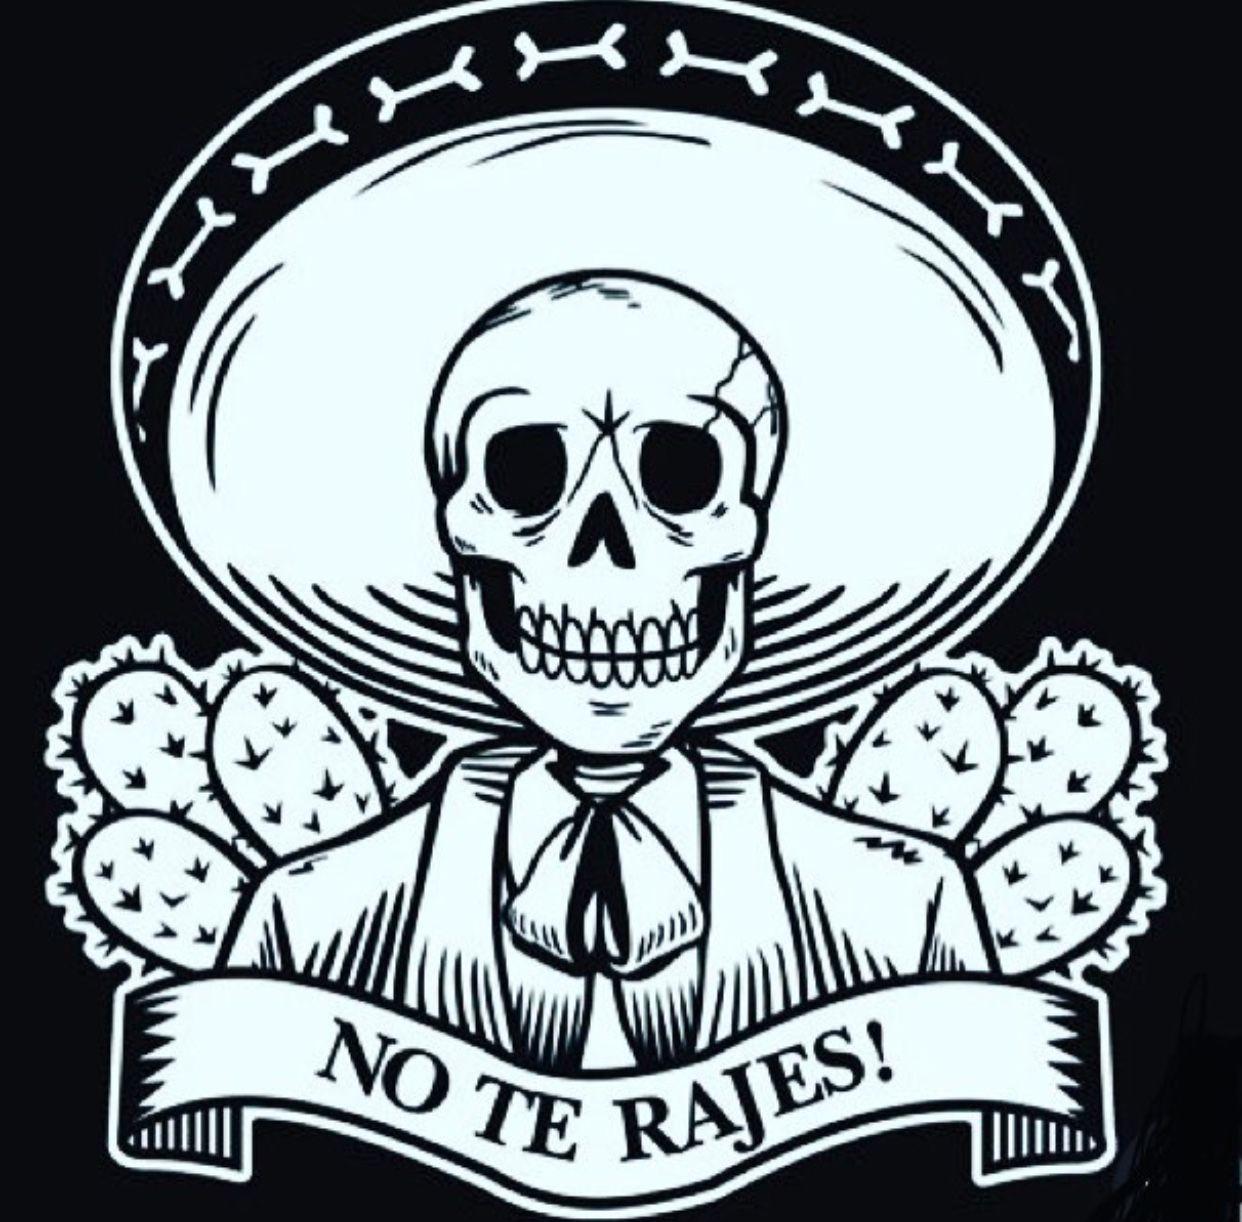 Mexico No Te Rajes Imagenes De Calavera Diseno Grafico Mexicano Produccion Artistica